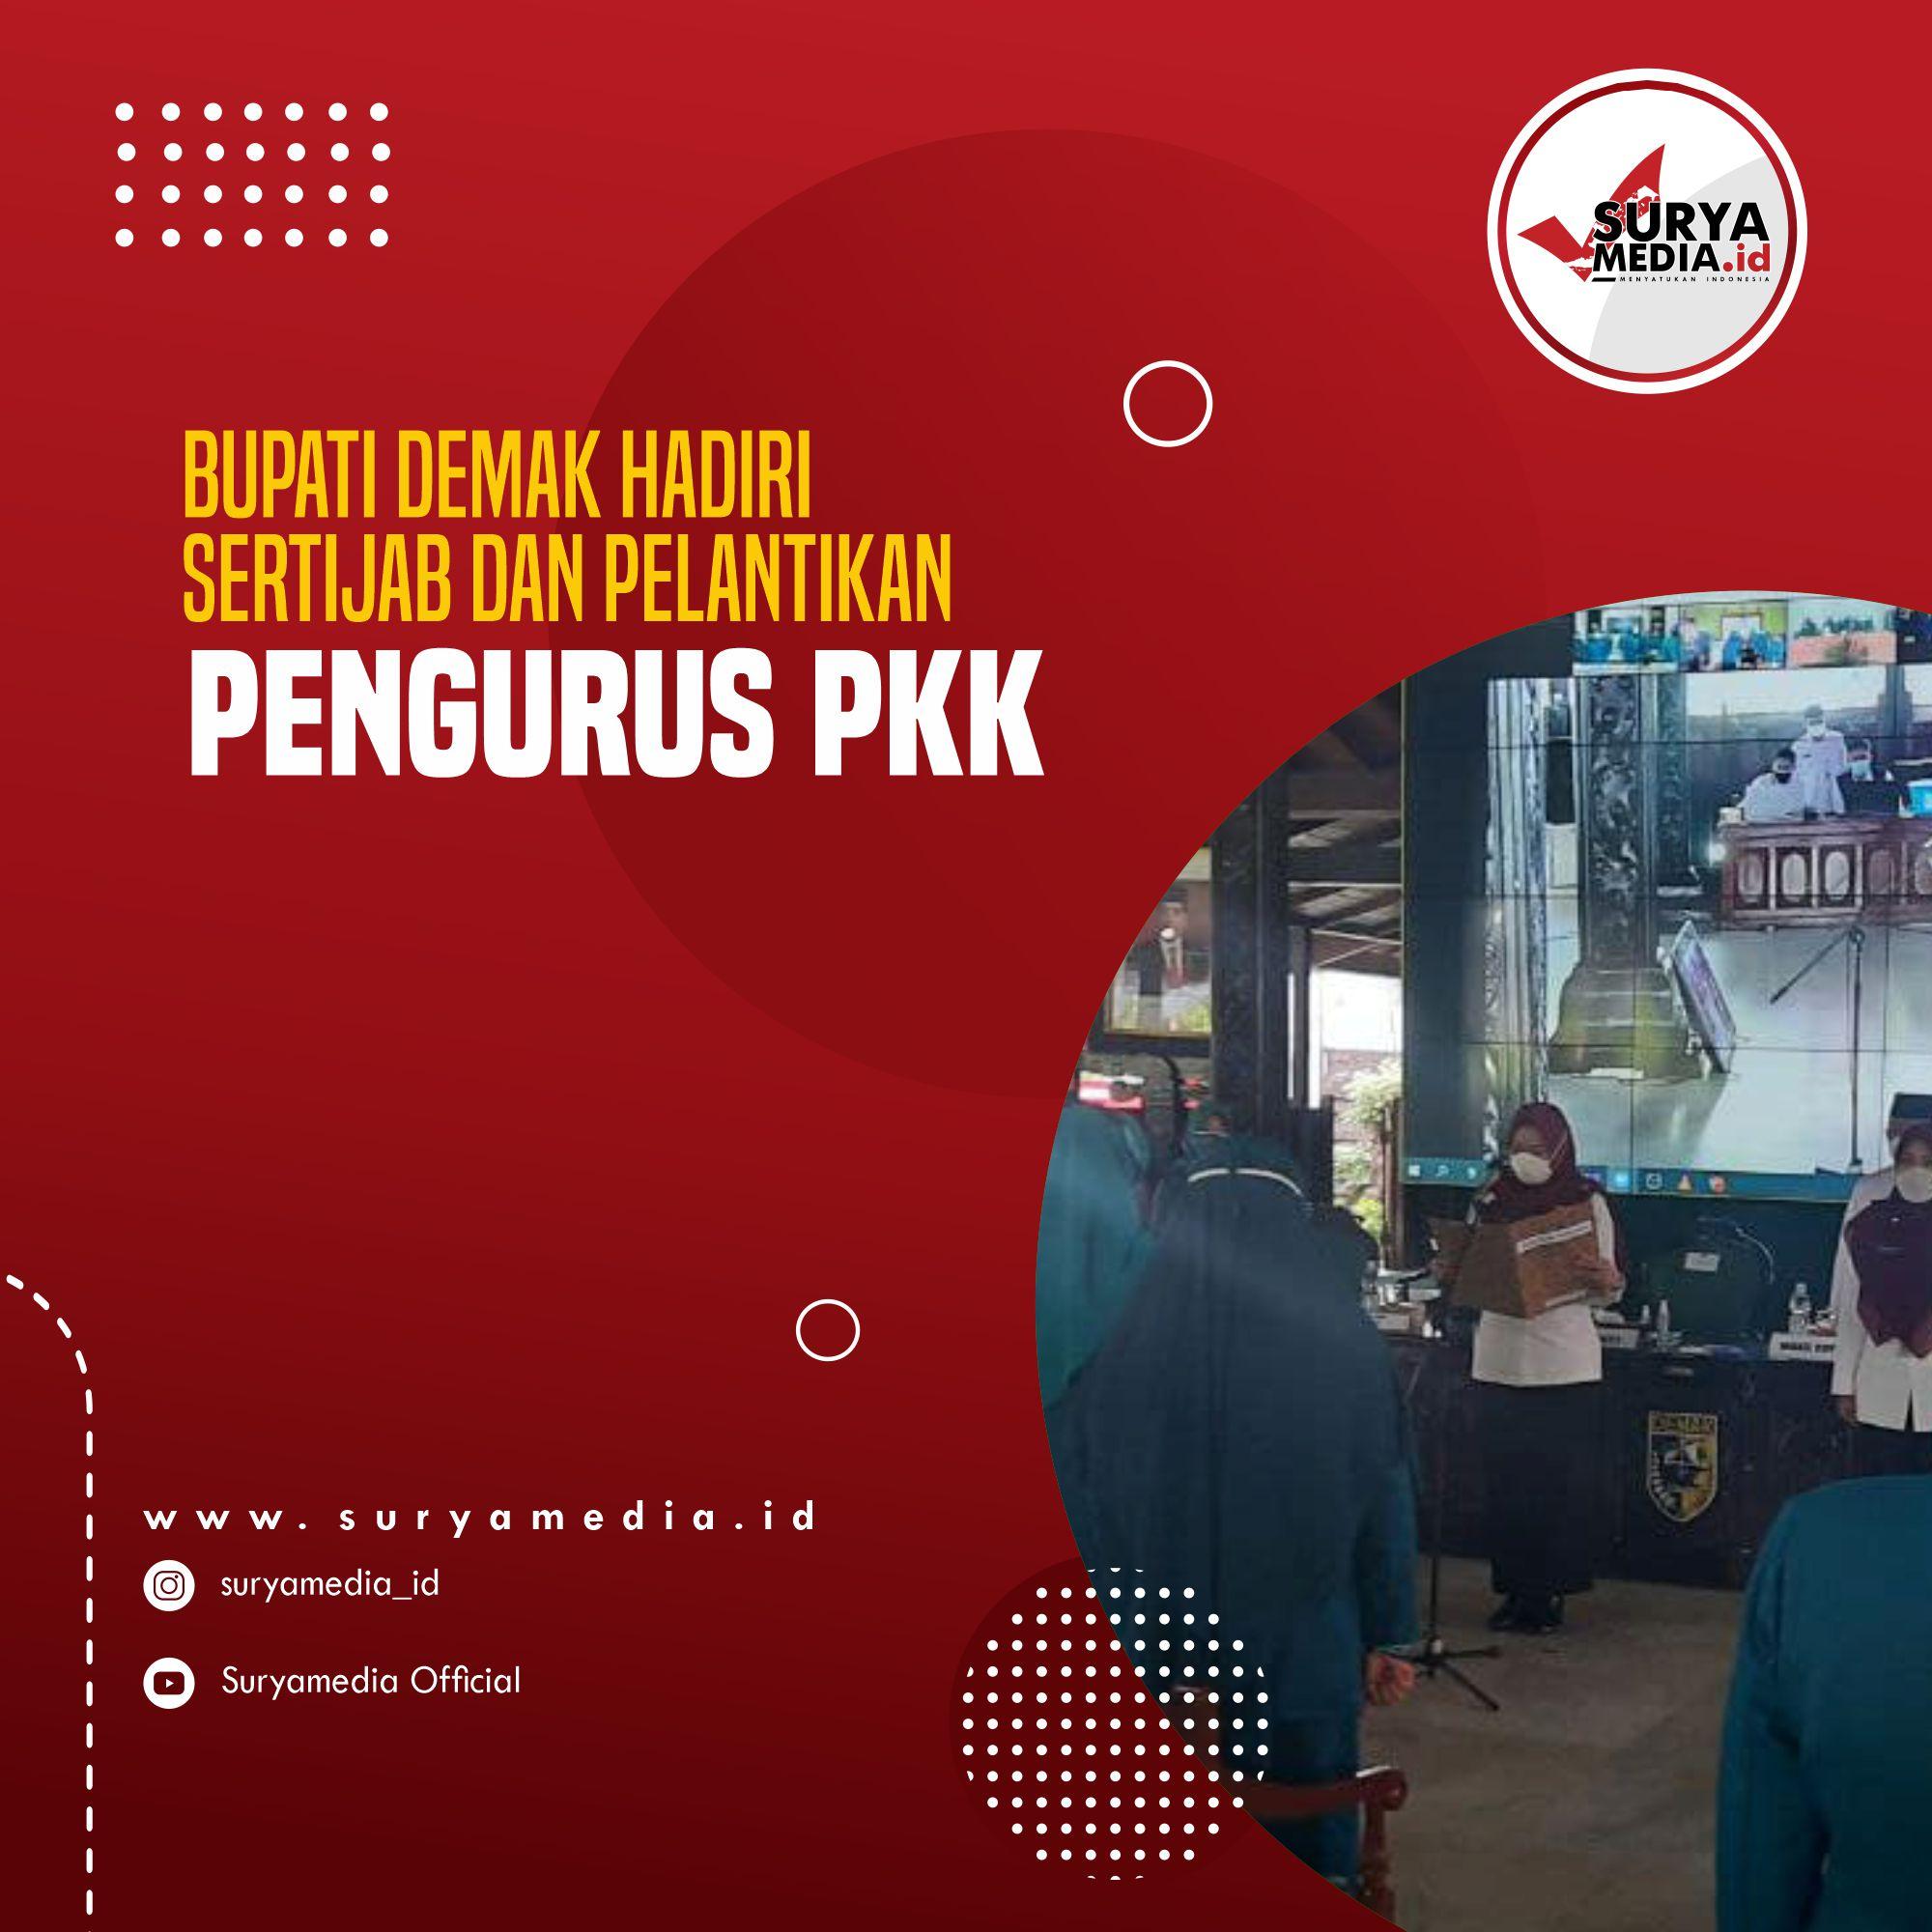 Bupati Demak Hadiri Sertijab dan Pelantikan Pengurus PKK A